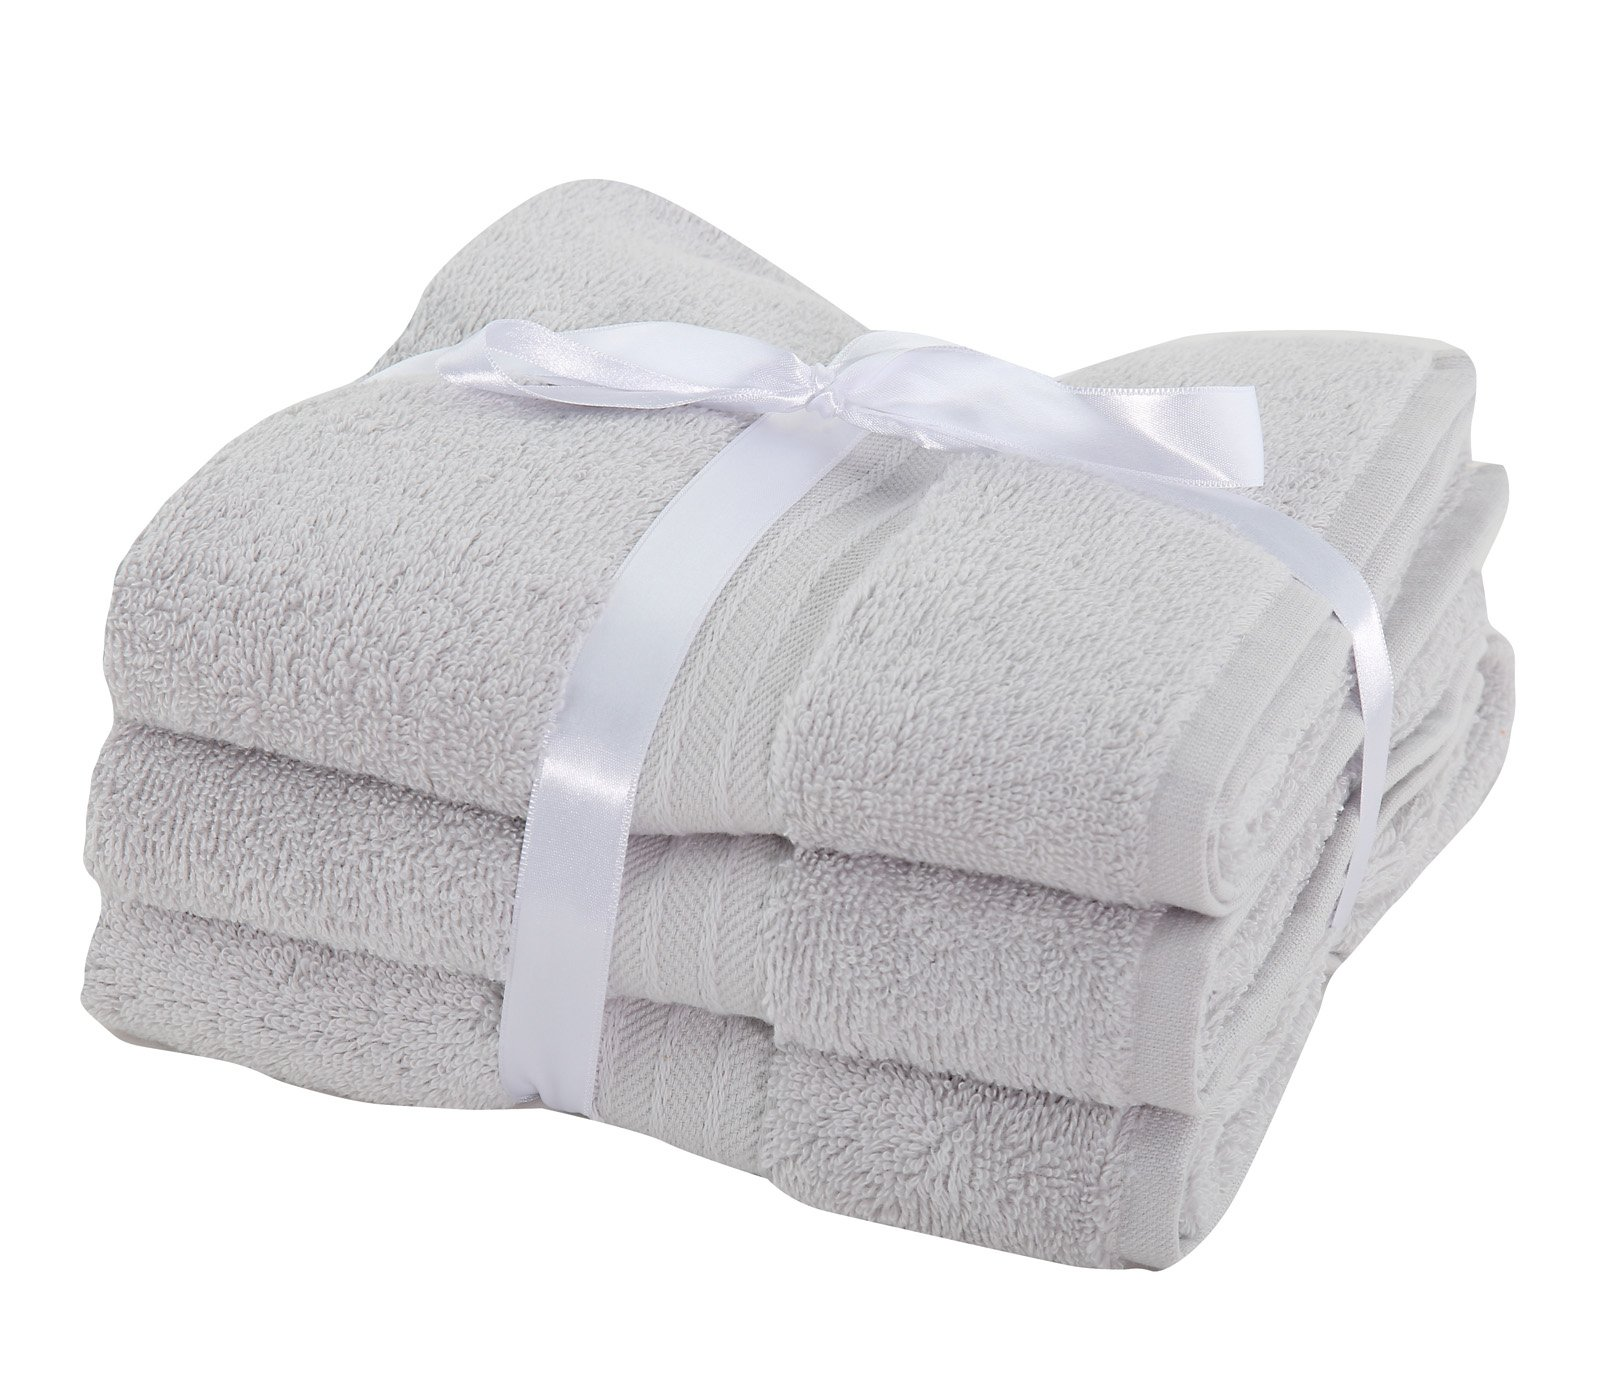 Πετσέτες Προσώπου (Σετ 3 Τμχ) Nef Nef Cosy Grey